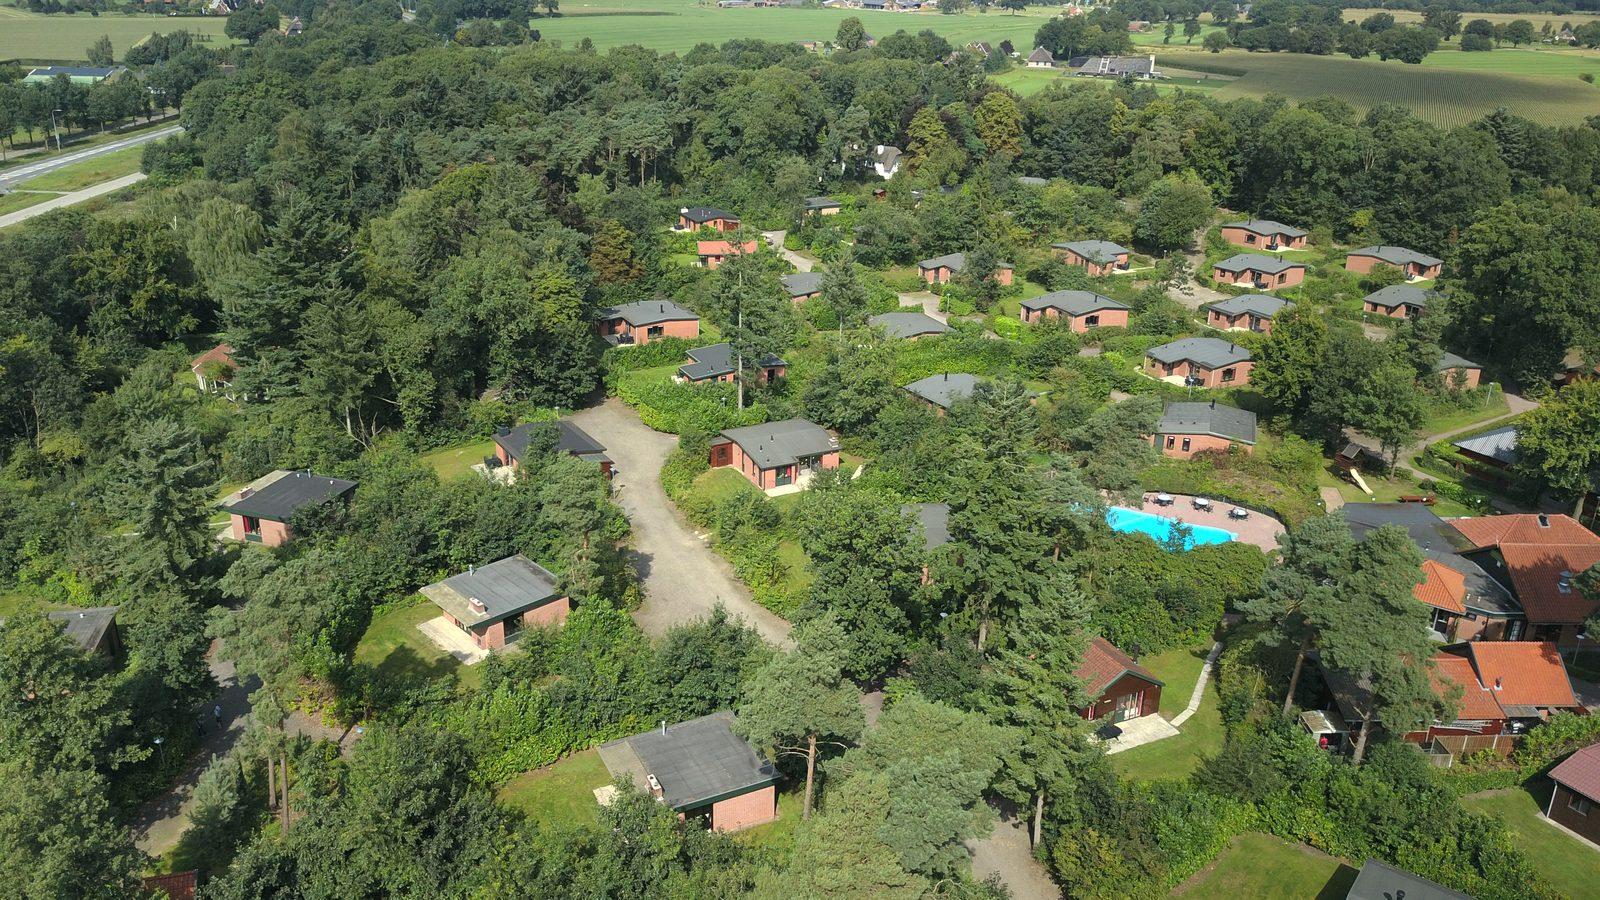 Holiday park Twente